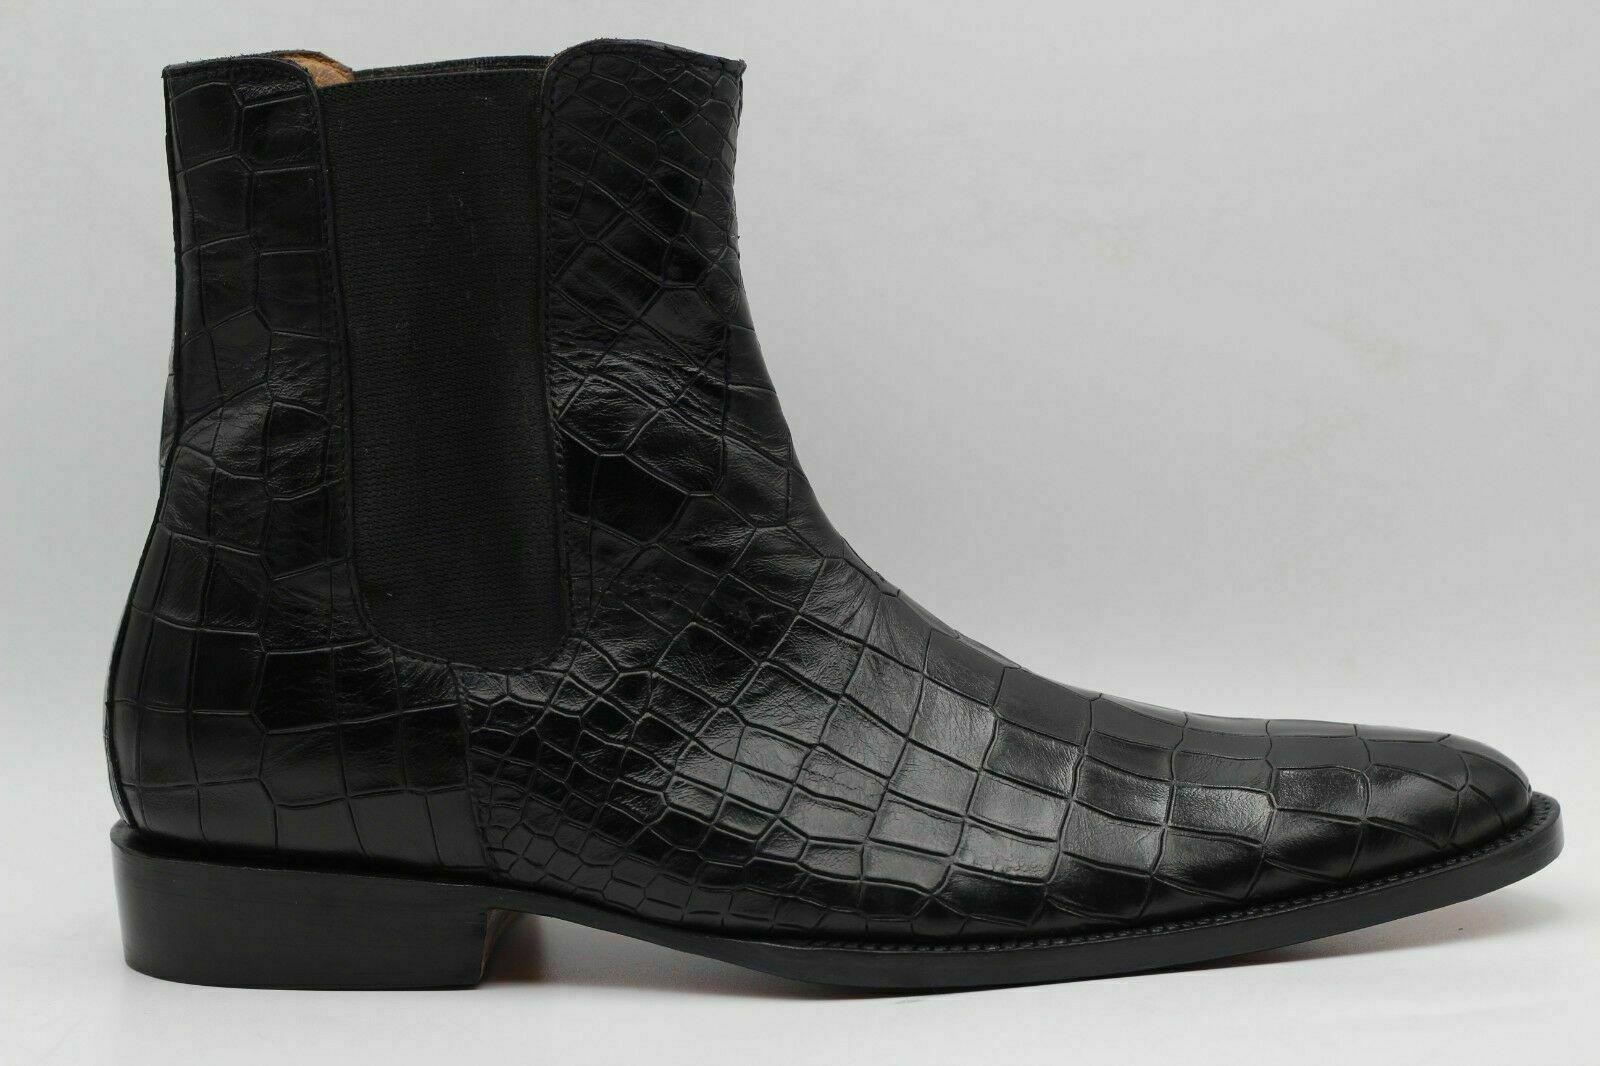 noire handgefertigte noire Chelsea-Lederbottes mit Krokodil-Print